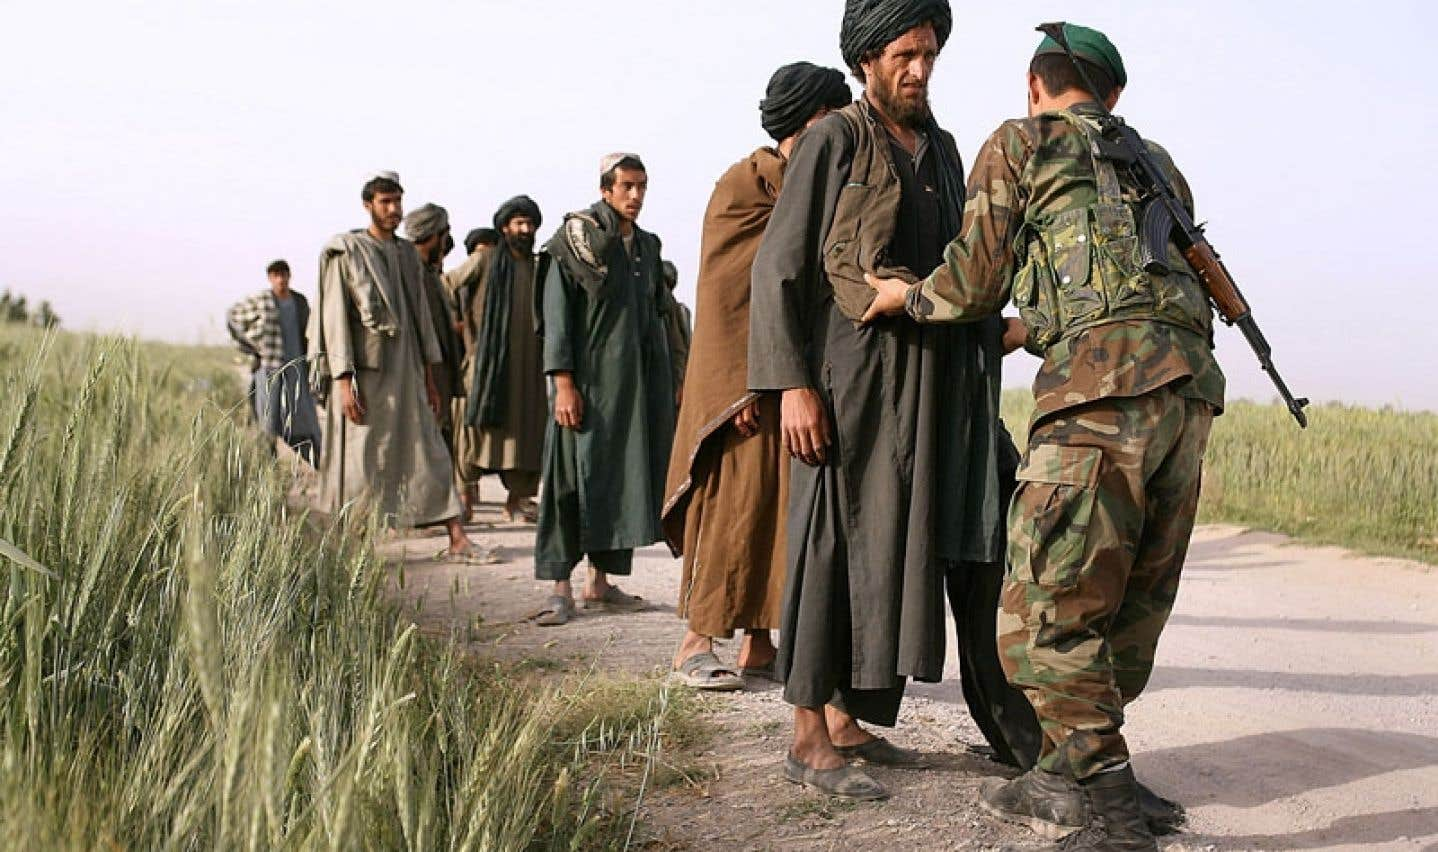 Lors d'une opération soutenue par les forces de coalition en avril 2006, des soldats de l'armée afghane effectuaient des fouilles à un poste de contrôle.